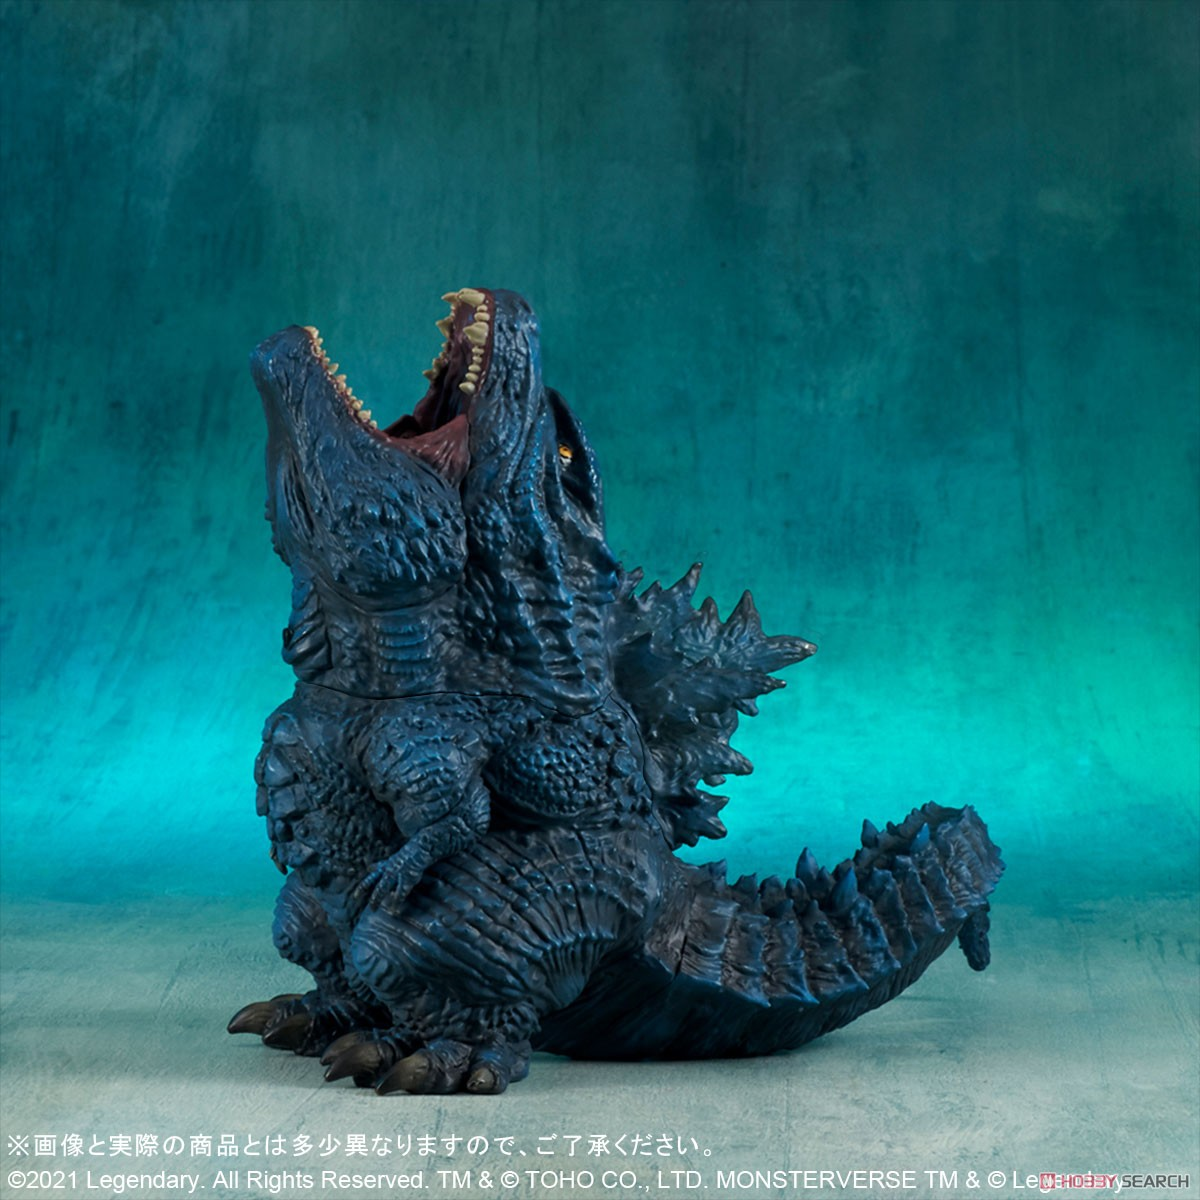 デフォリアル SFX『ゴジラ(2019)』キング・オブ・モンスターズ 完成品フィギュア-001